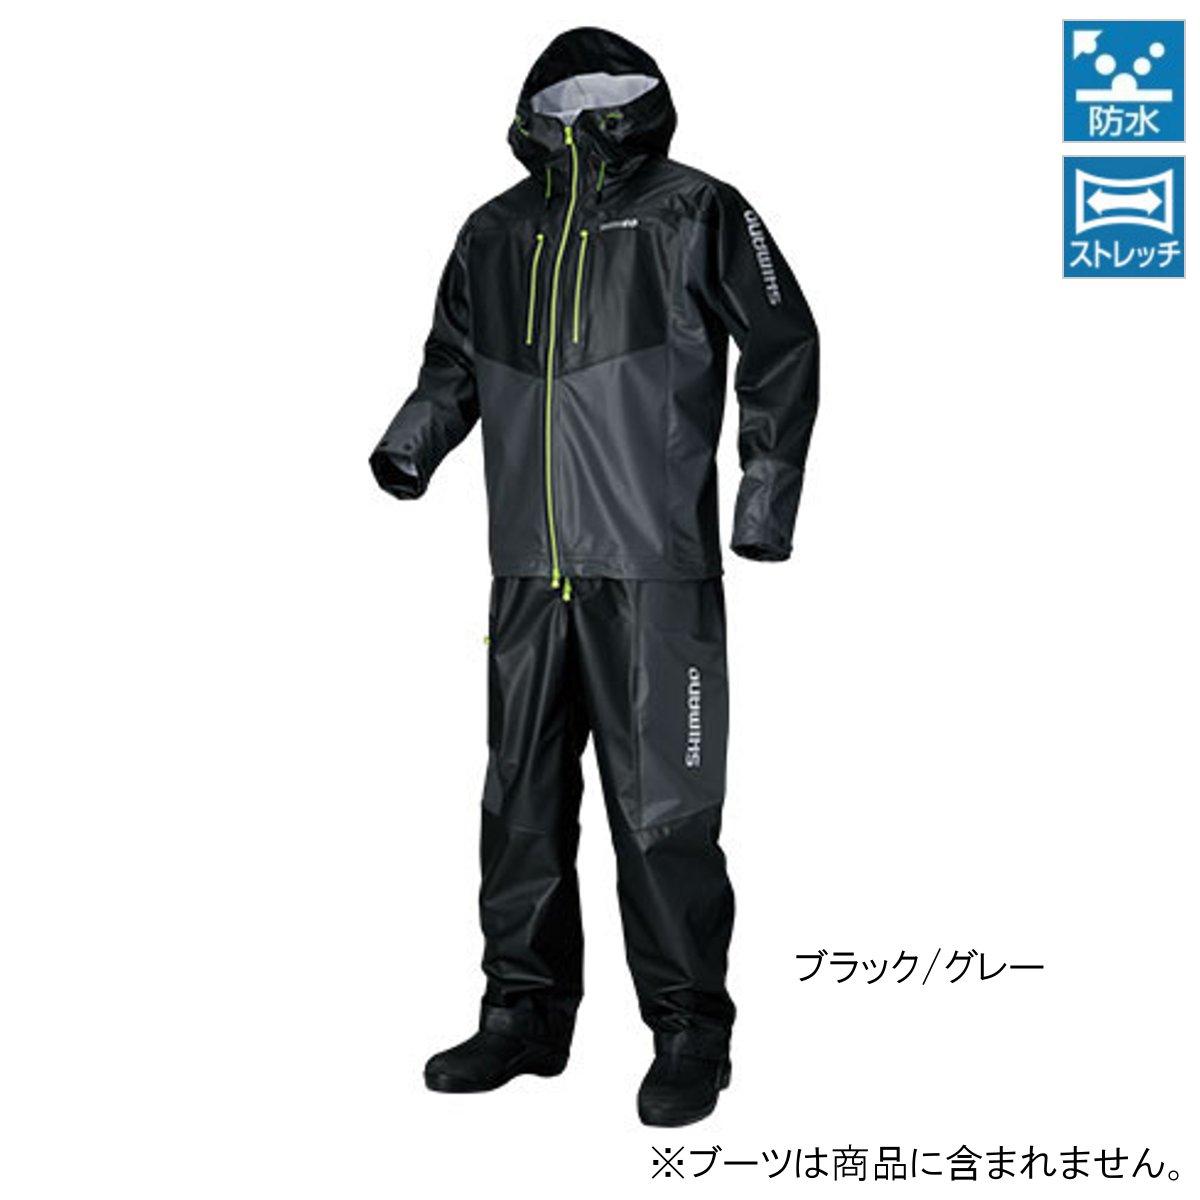 シマノ マリンライトスーツ RA-034N XL ブラック/グレー(東日本店)